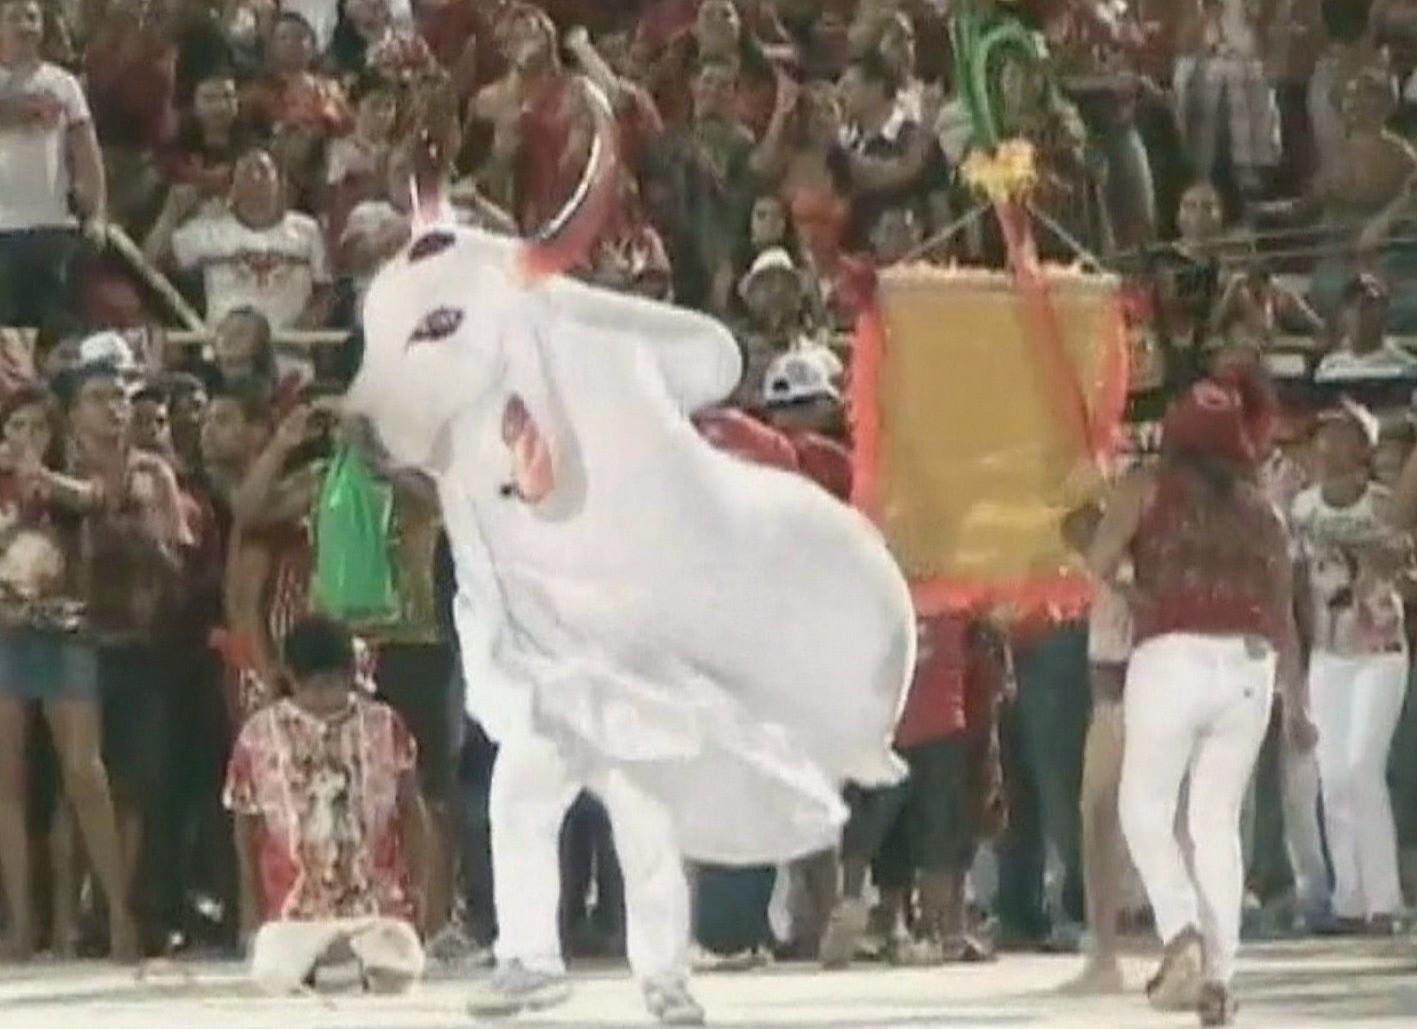 O boi garantido encantou a galera vermelha e branca (Foto: Jornal do Amazonas)